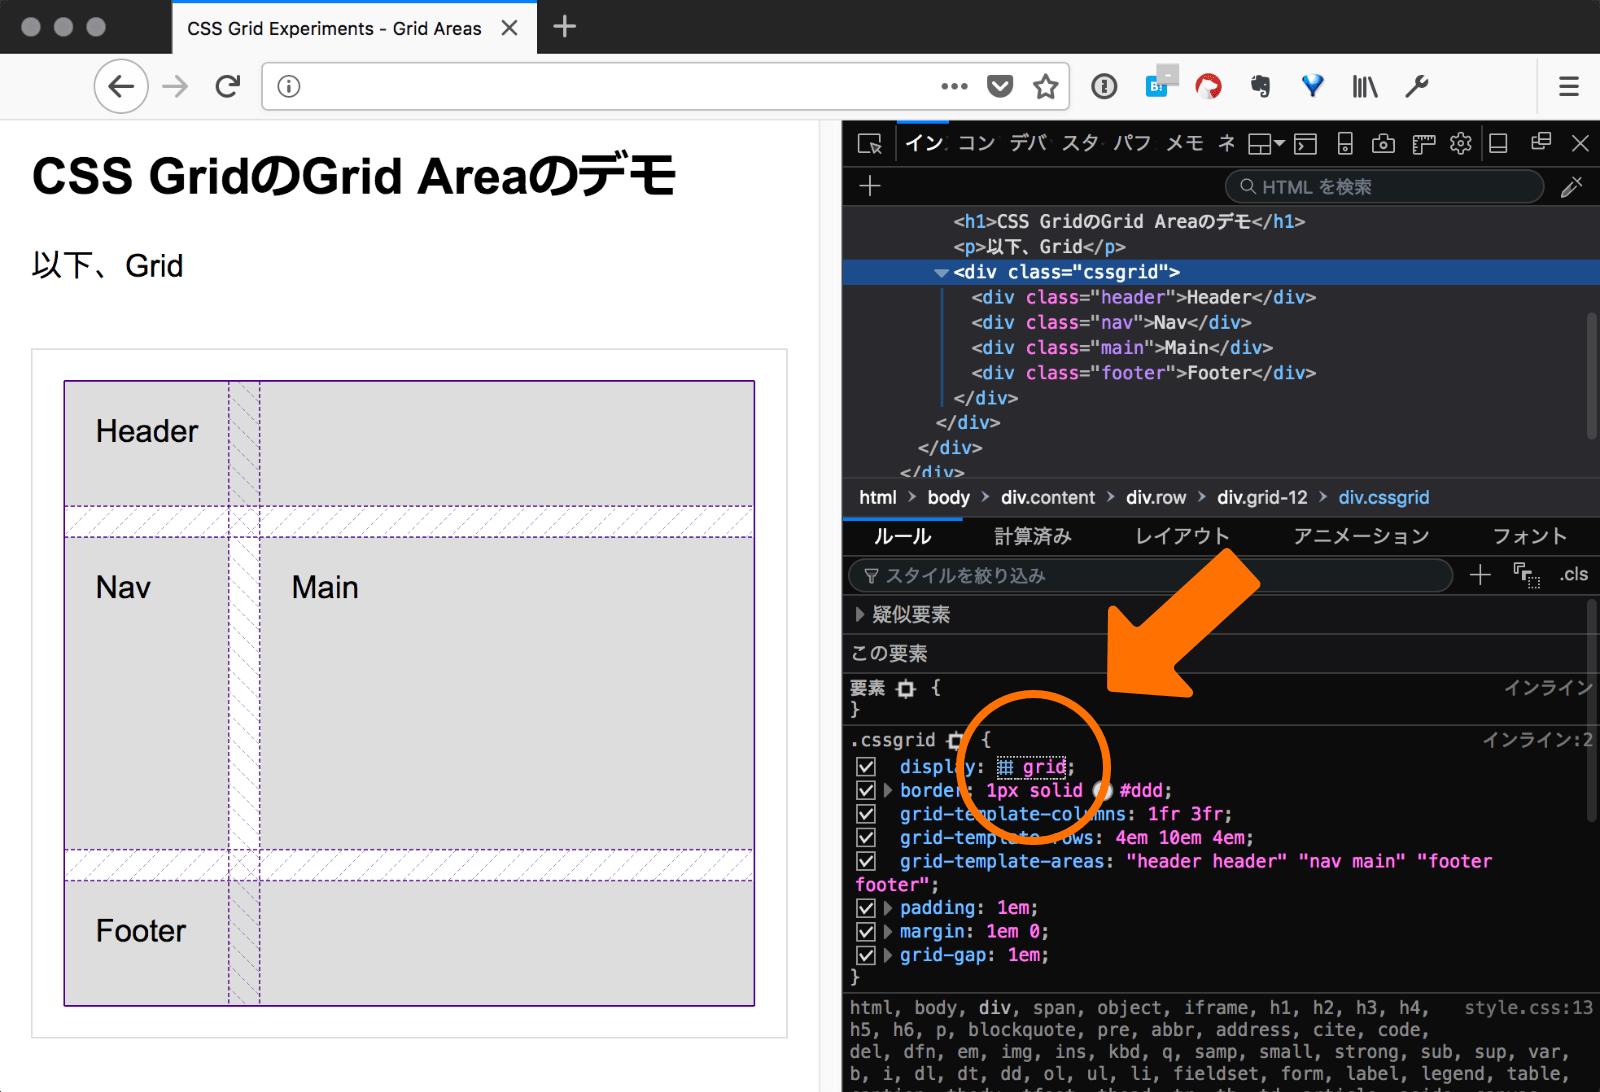 Firefoxの開発ツールでグリッドオーバーレイを表示させた状態